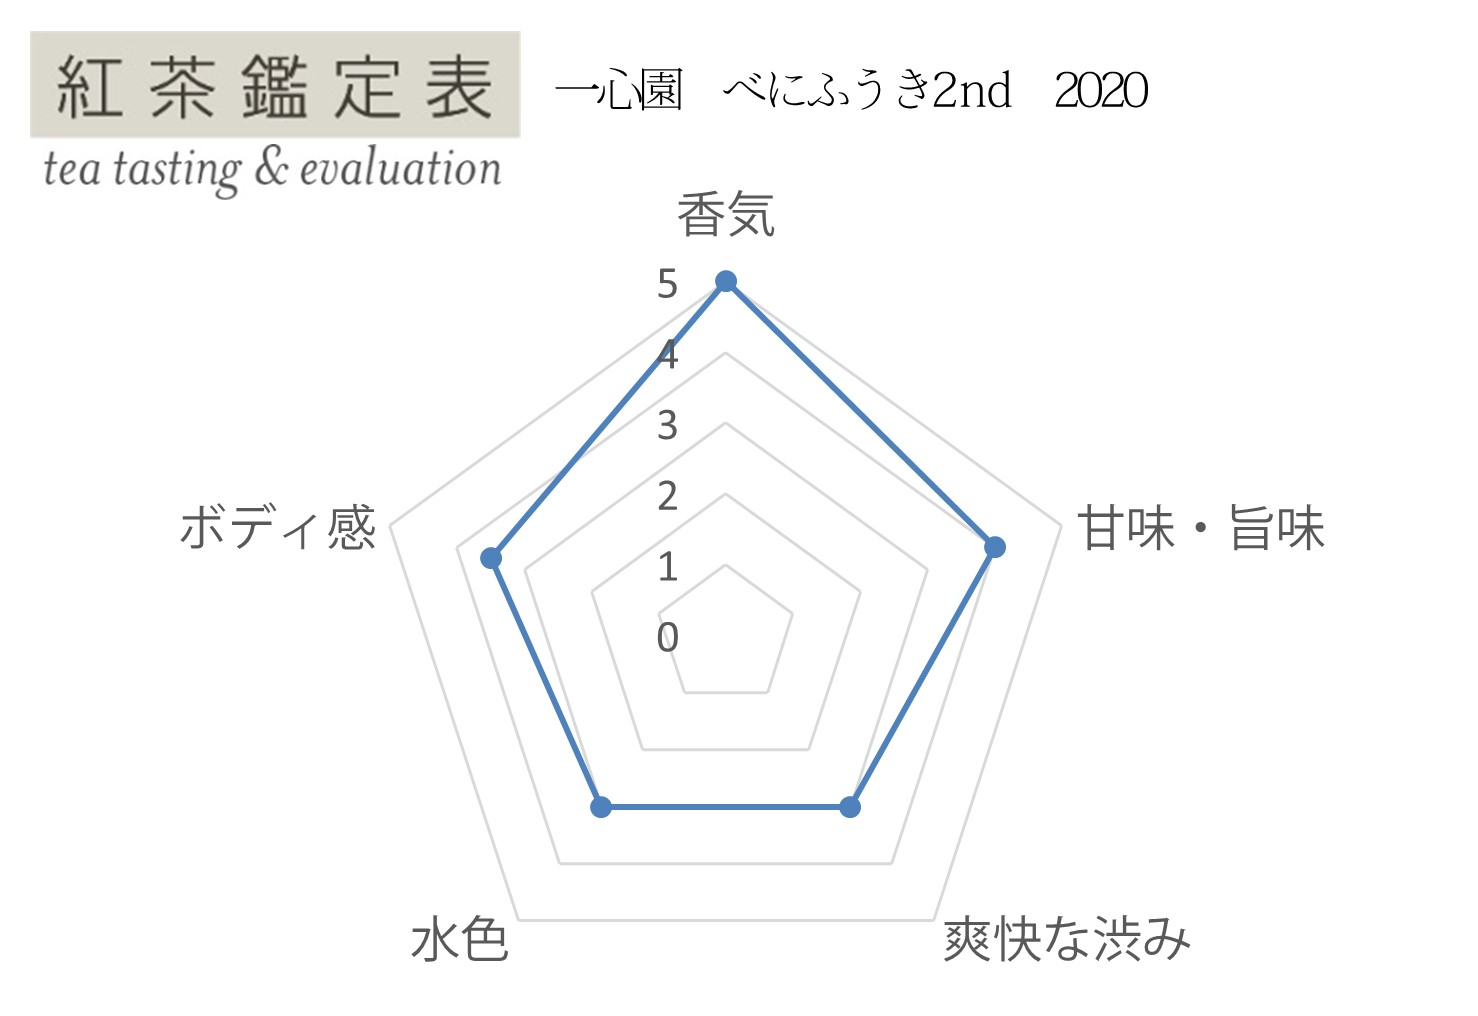 【紅茶鑑定表】一心園 べにふうき2nd